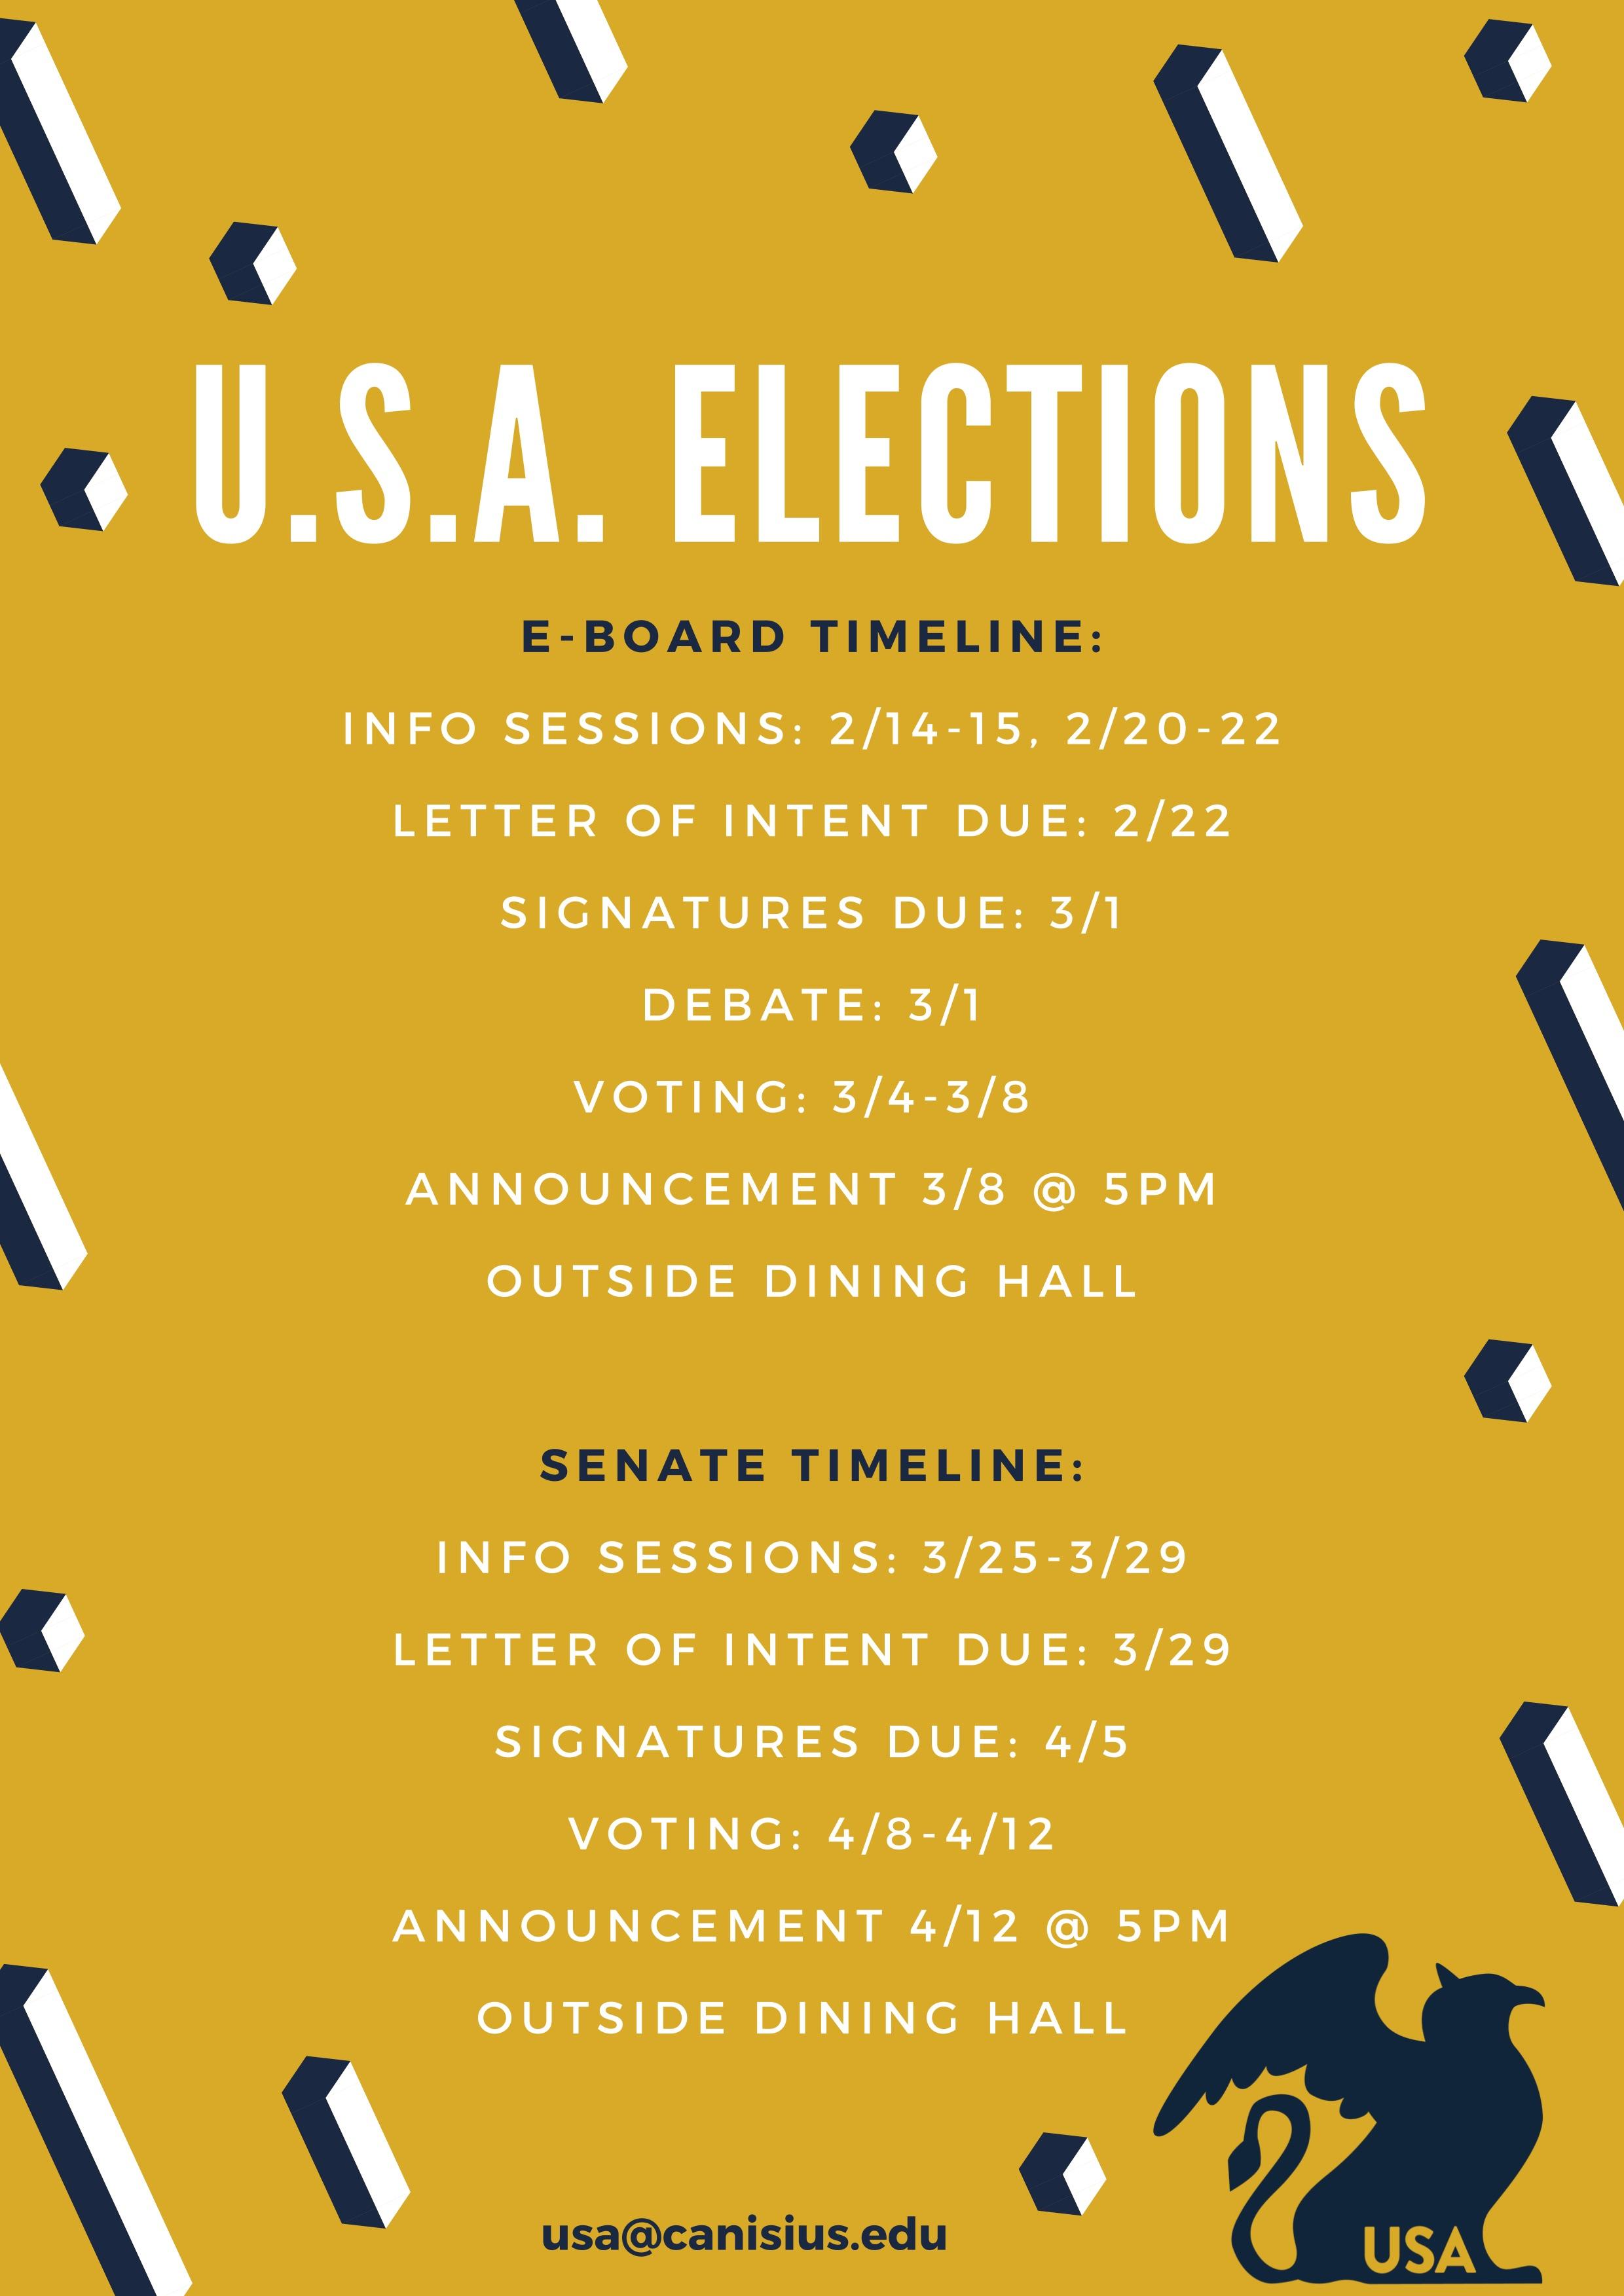 USA ELECTIONS.jpg